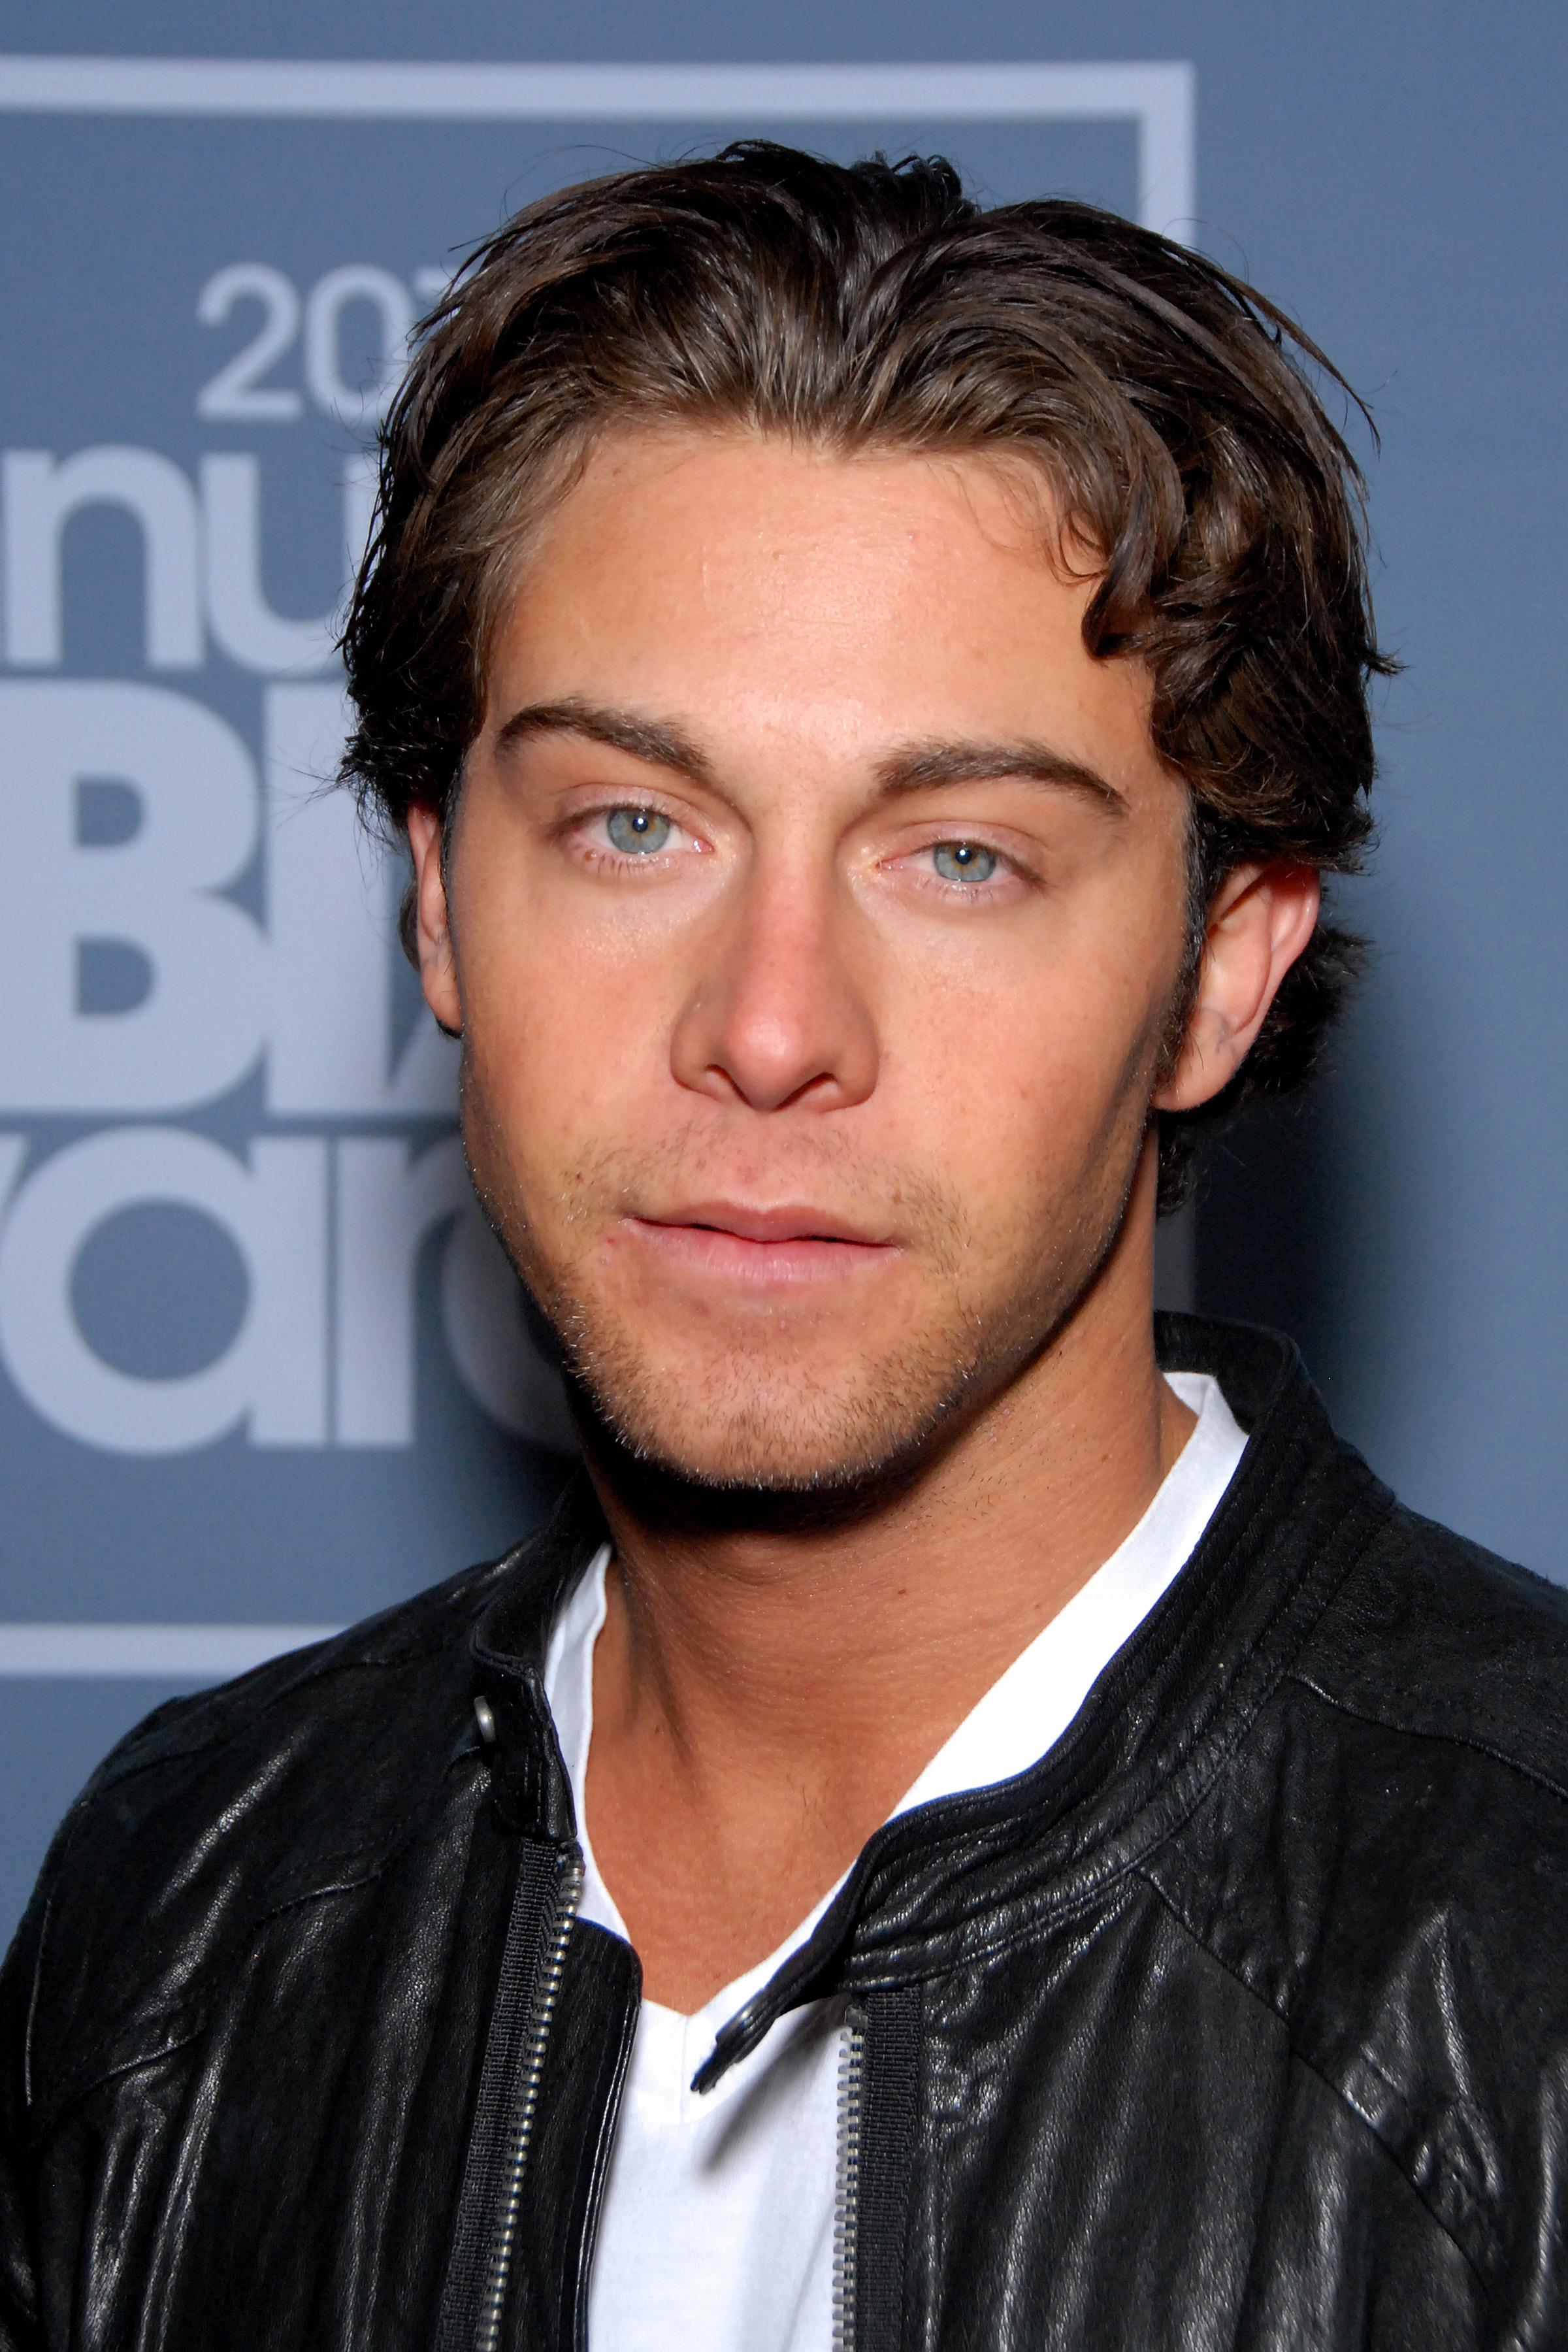 Seth gamble porn star